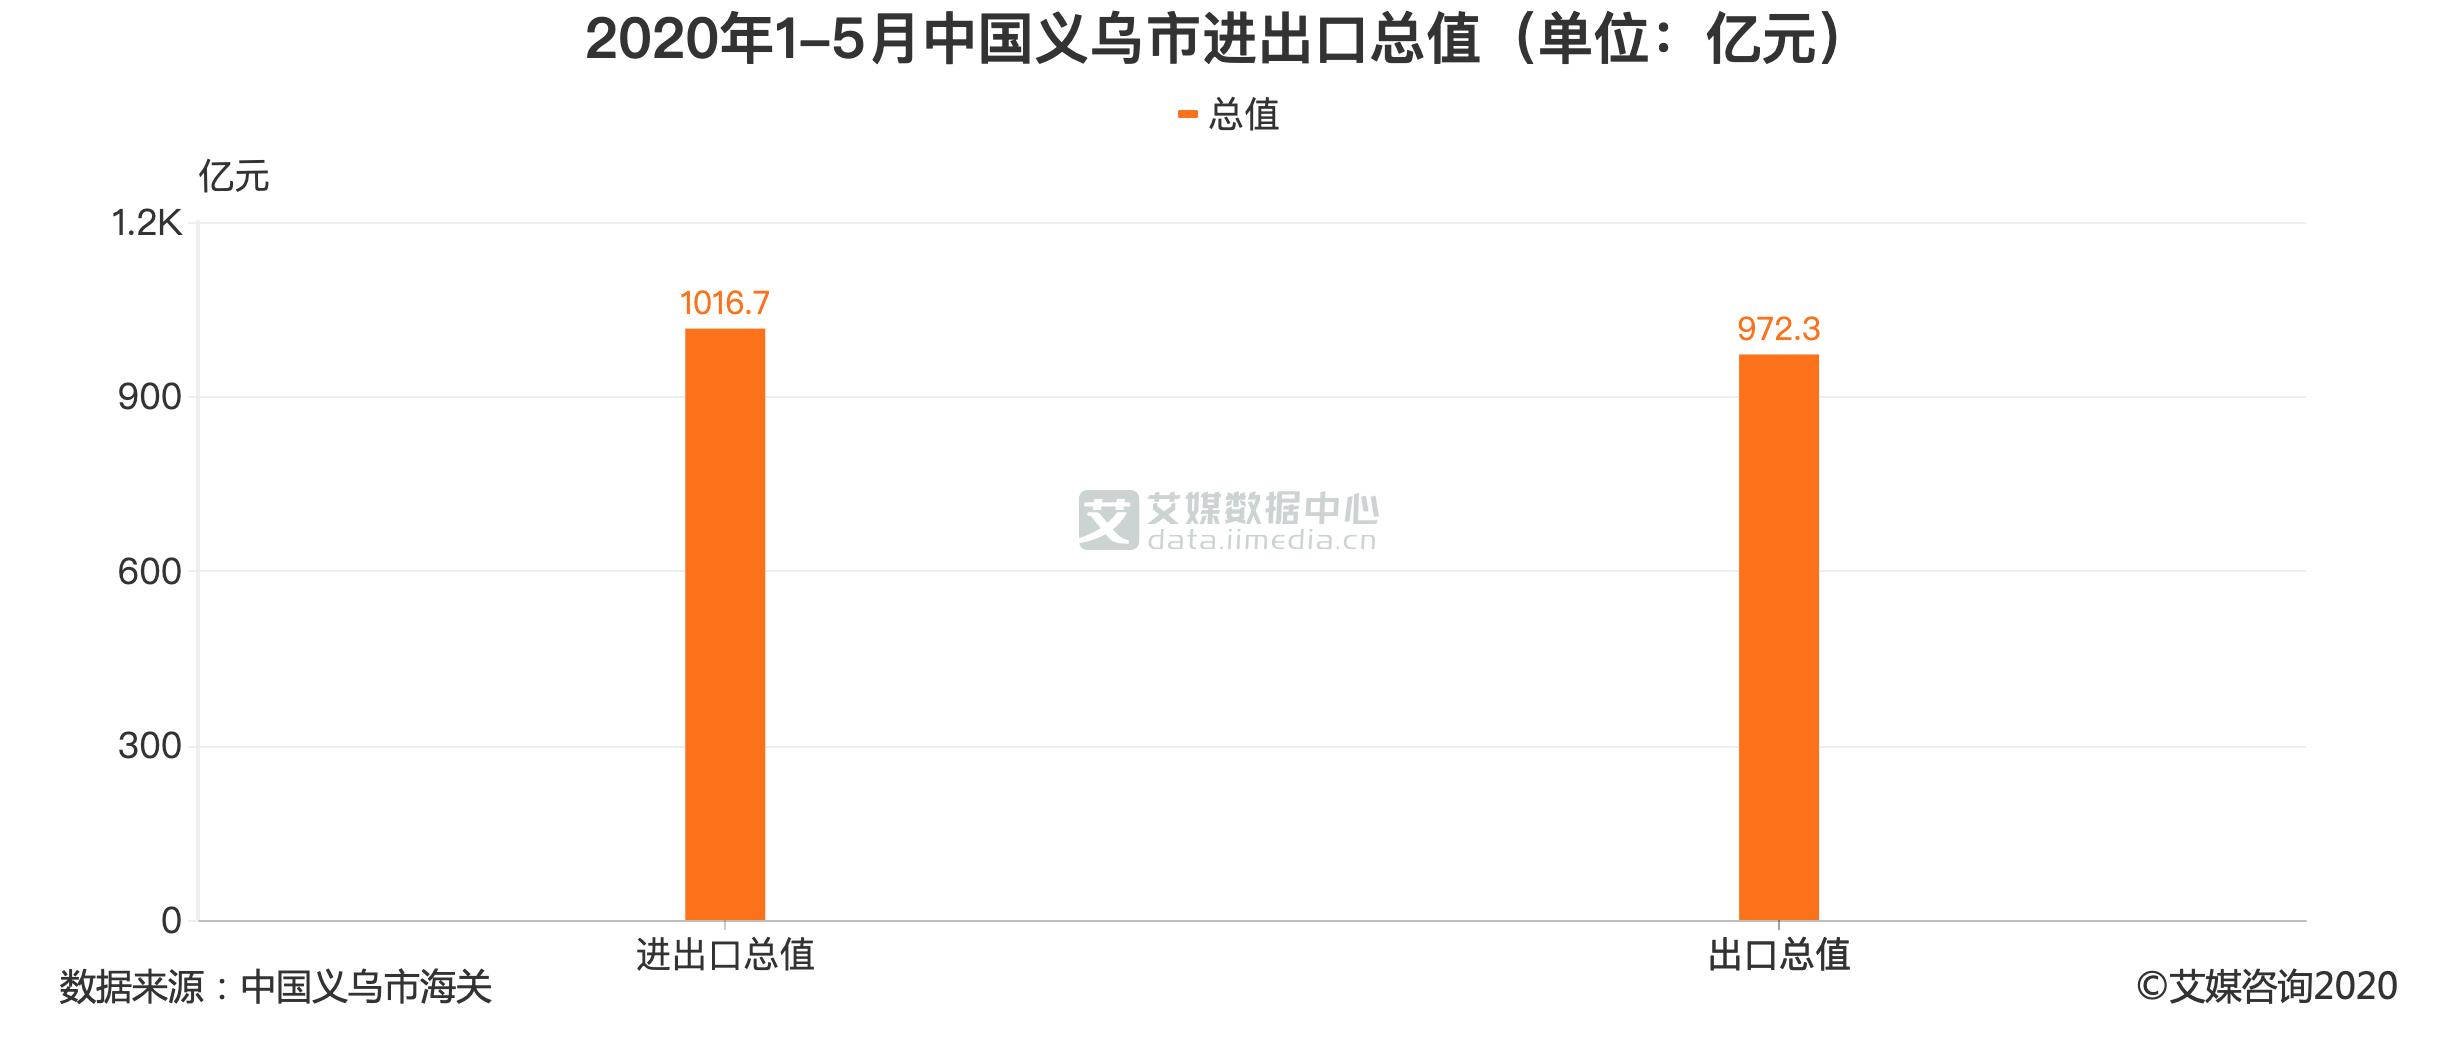 2020年1-5月中国义乌市进出口总值(单位:亿元)